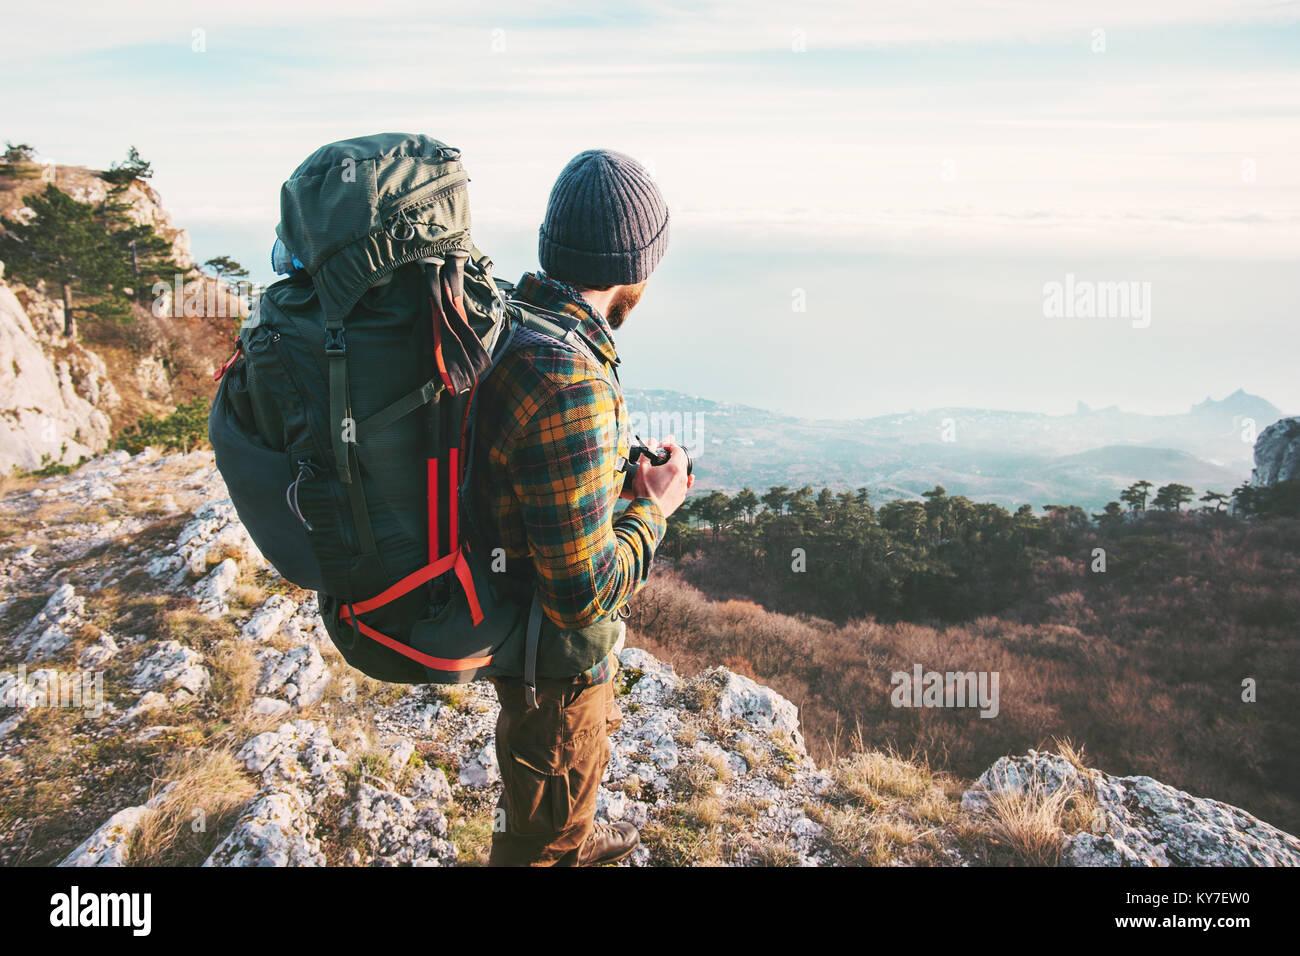 L'uomo viaggiatore con zaino escursionismo montagne stile di vita viaggio concetto di successo attiva avventura Immagini Stock